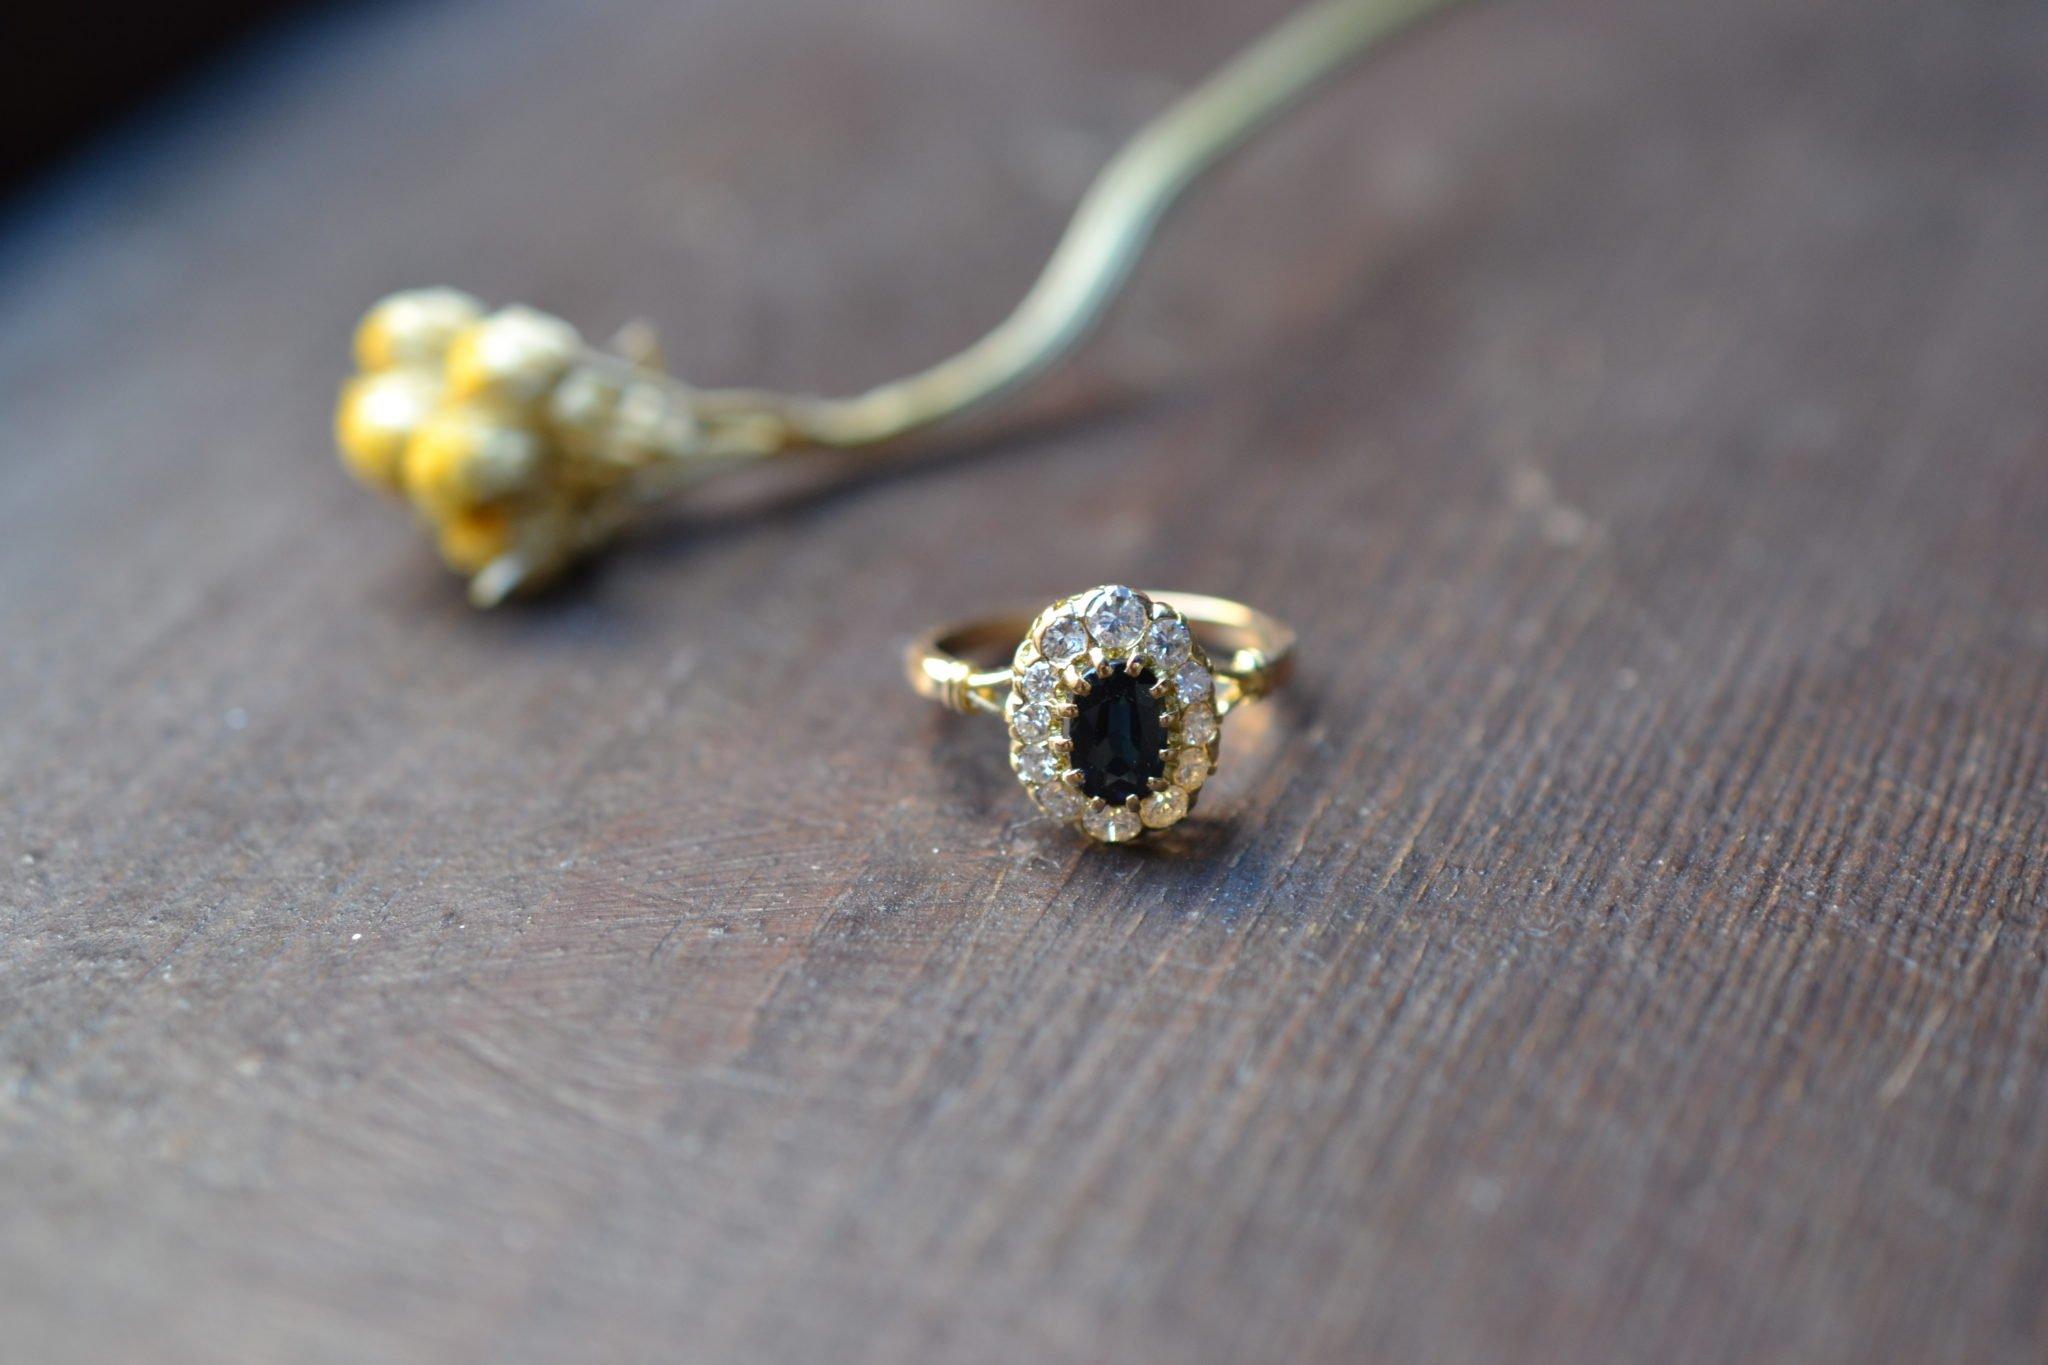 Bague Ancienne Fiançailles - Bague Marguerite Saphir Et Diamants - En Or Jaune 18 Carats 750:1000 - Bijoux Vintage